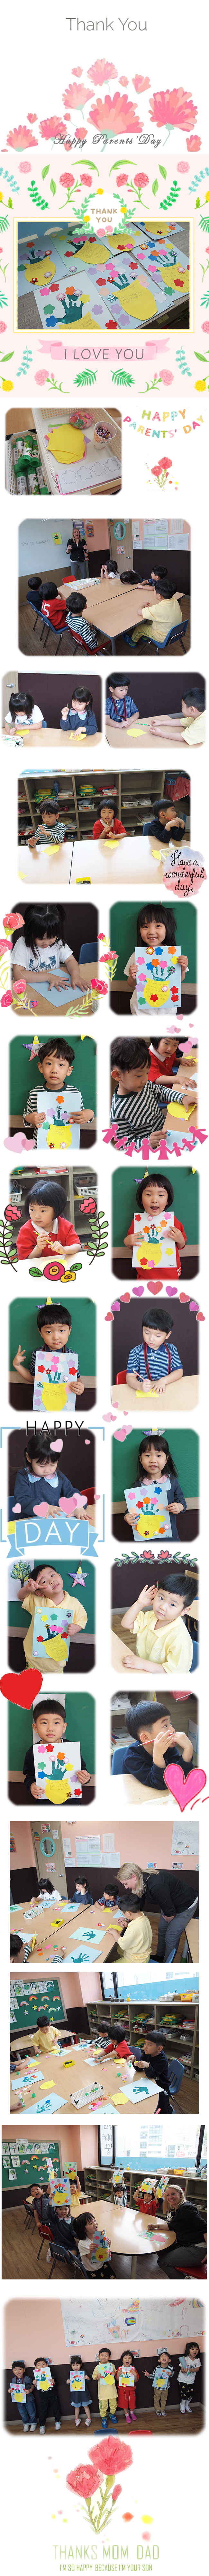 2019_Parentsday_Lemon.jpg